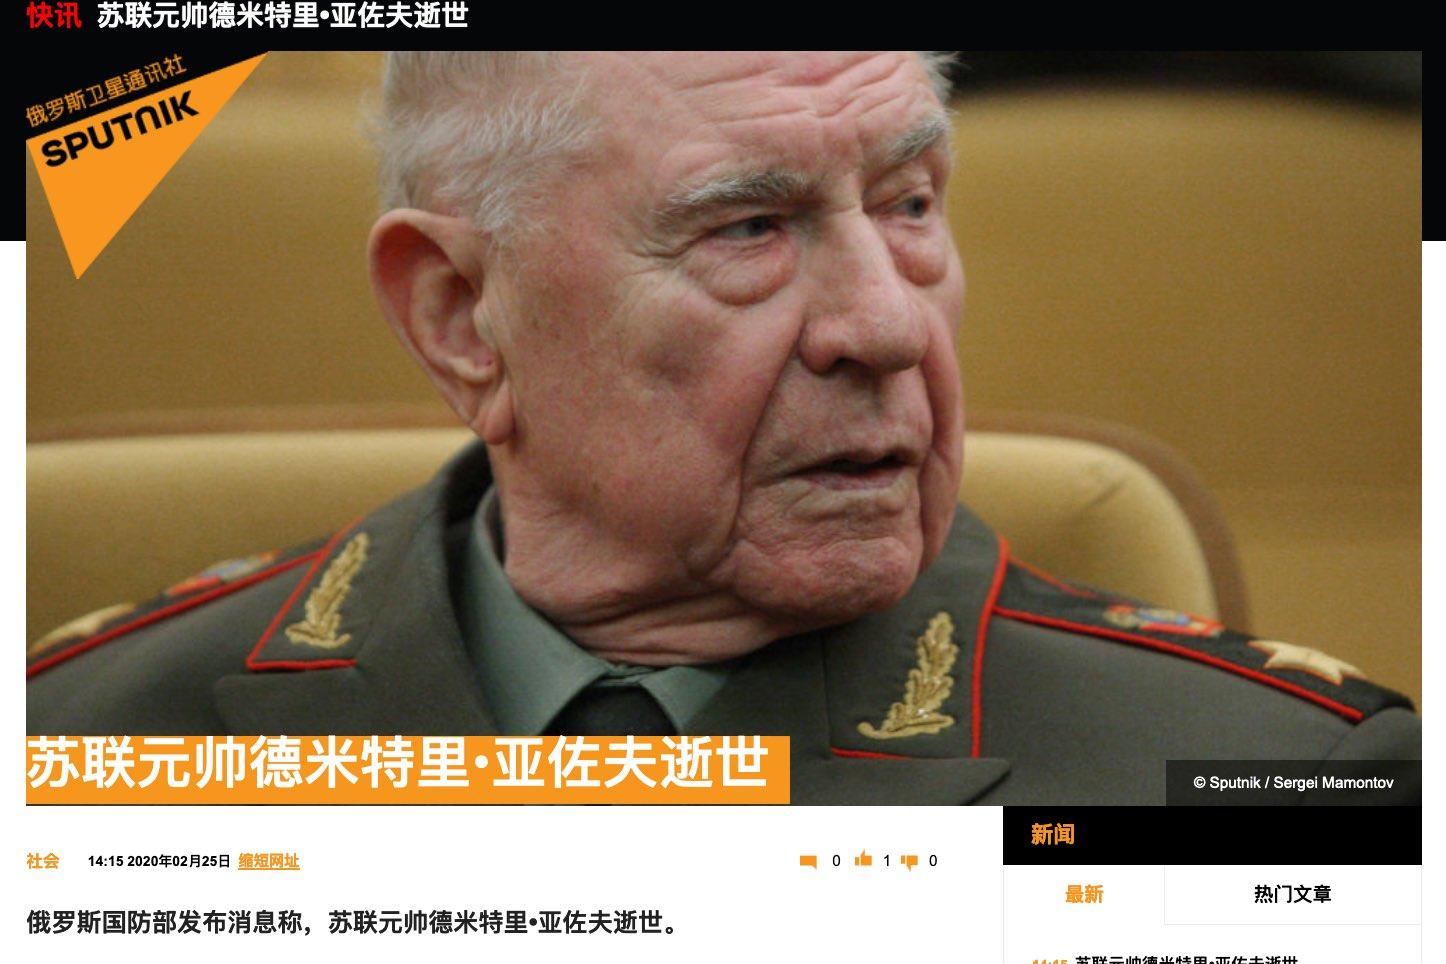 快讯!俄国防部:苏联最后一位元帅德米特里•亚佐夫逝世